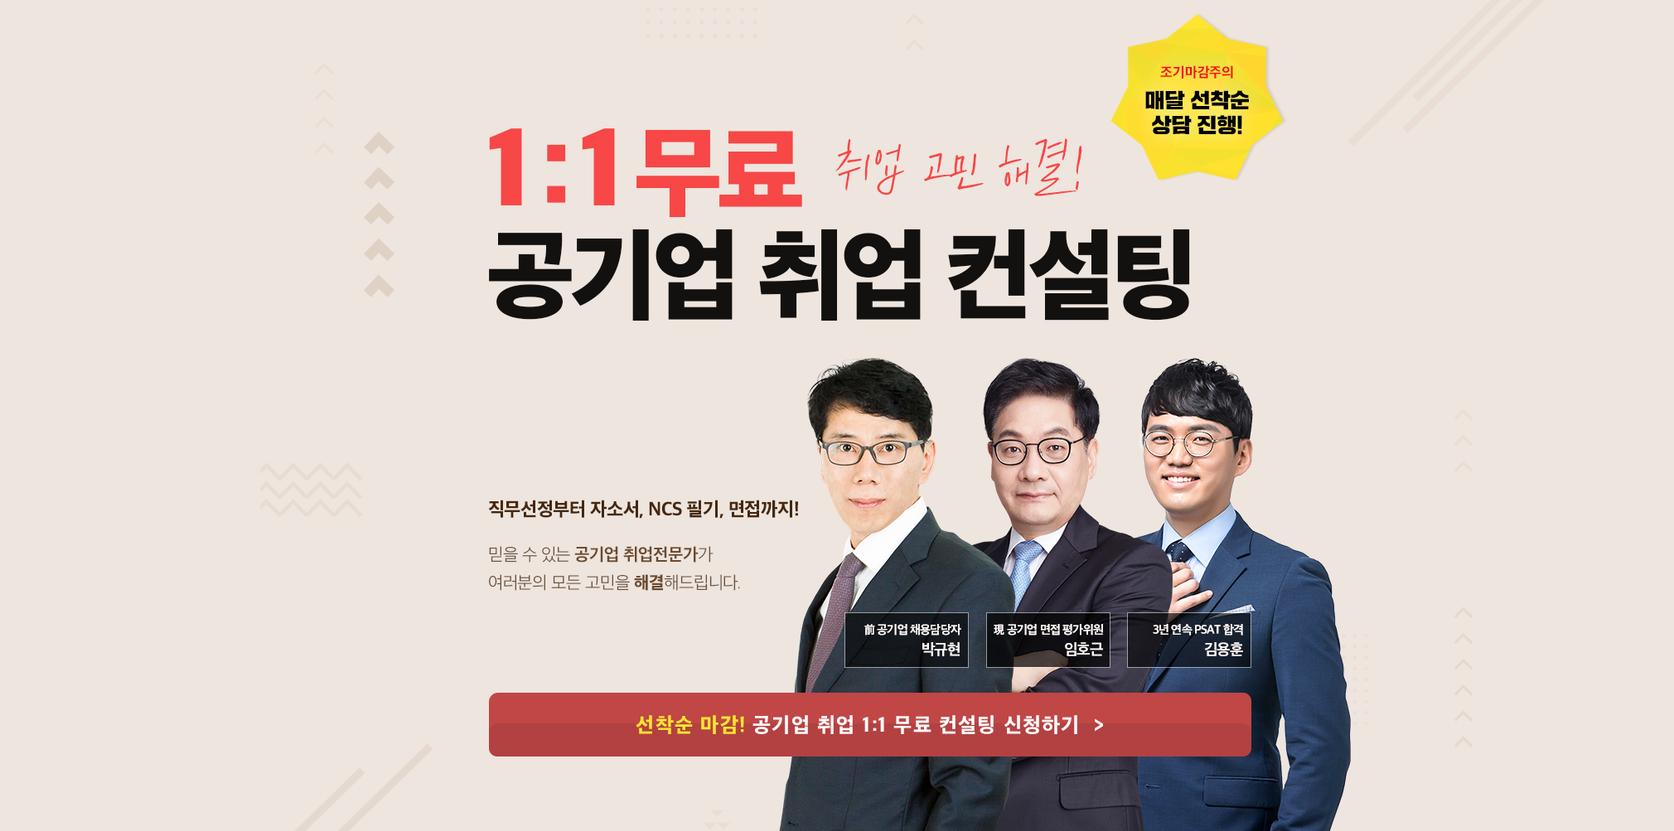 0611(1500)_마케팅팀_이성경_웹페이지(공기업-오프라인-무료컨설팅)